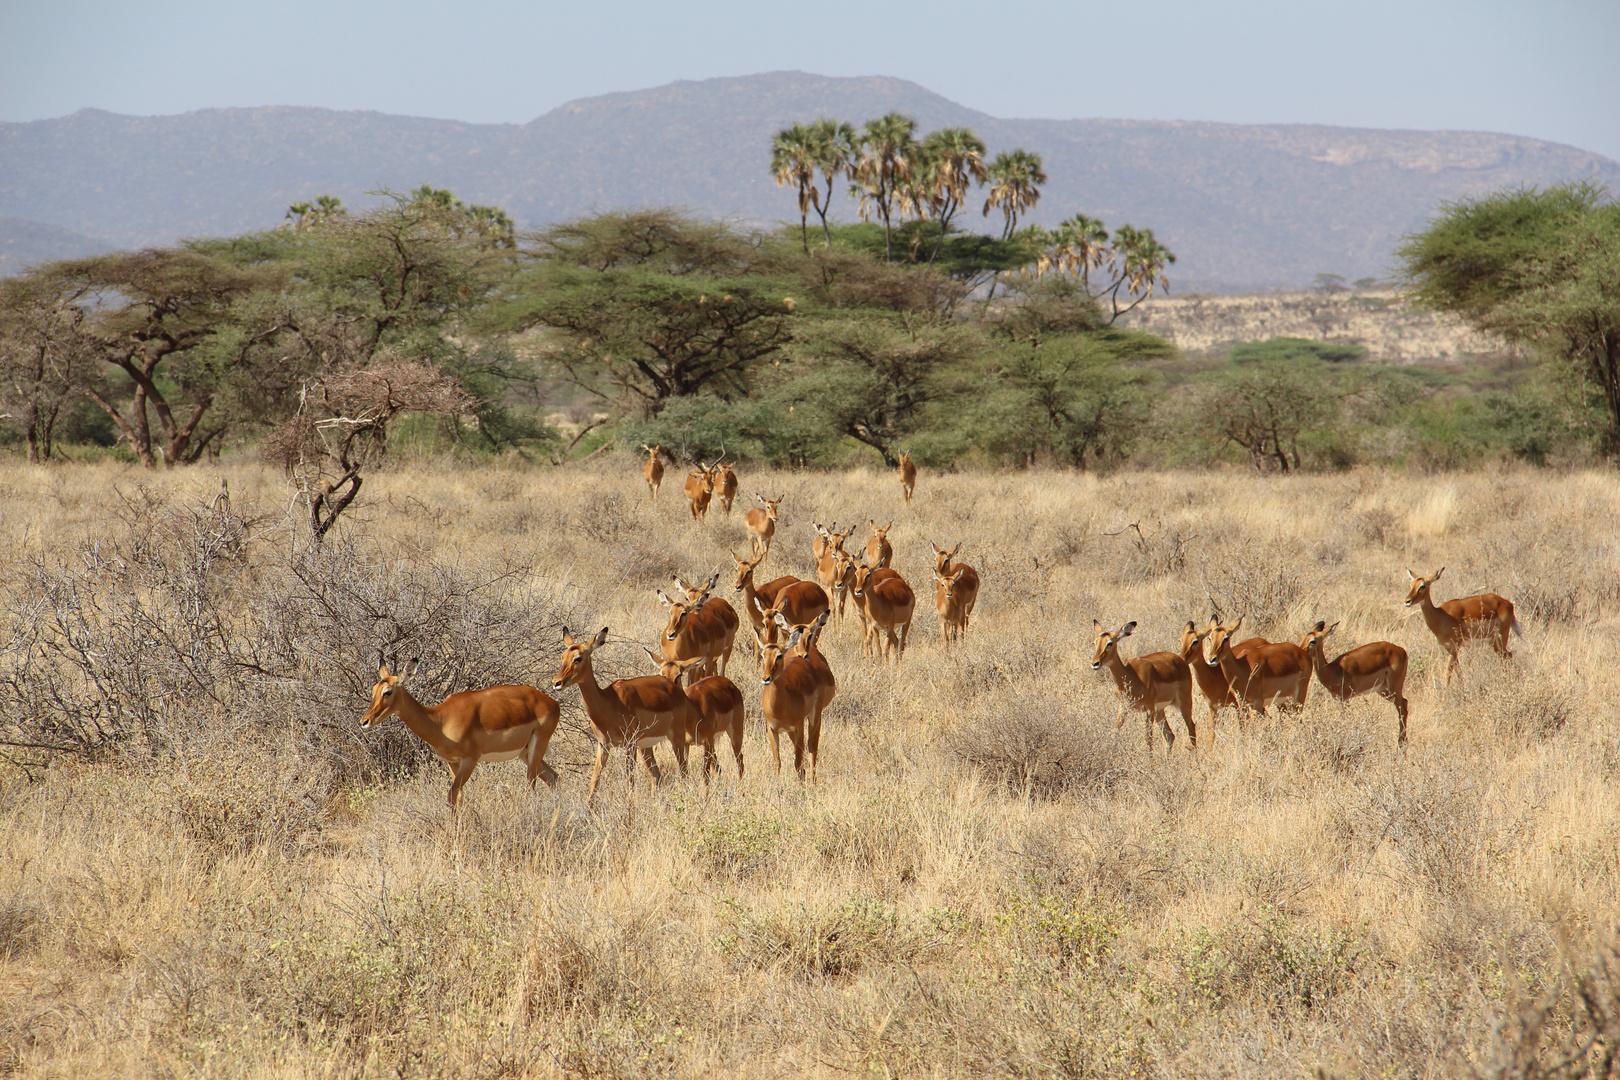 Impalafamilie unterwegs im Samburu Nationalpark